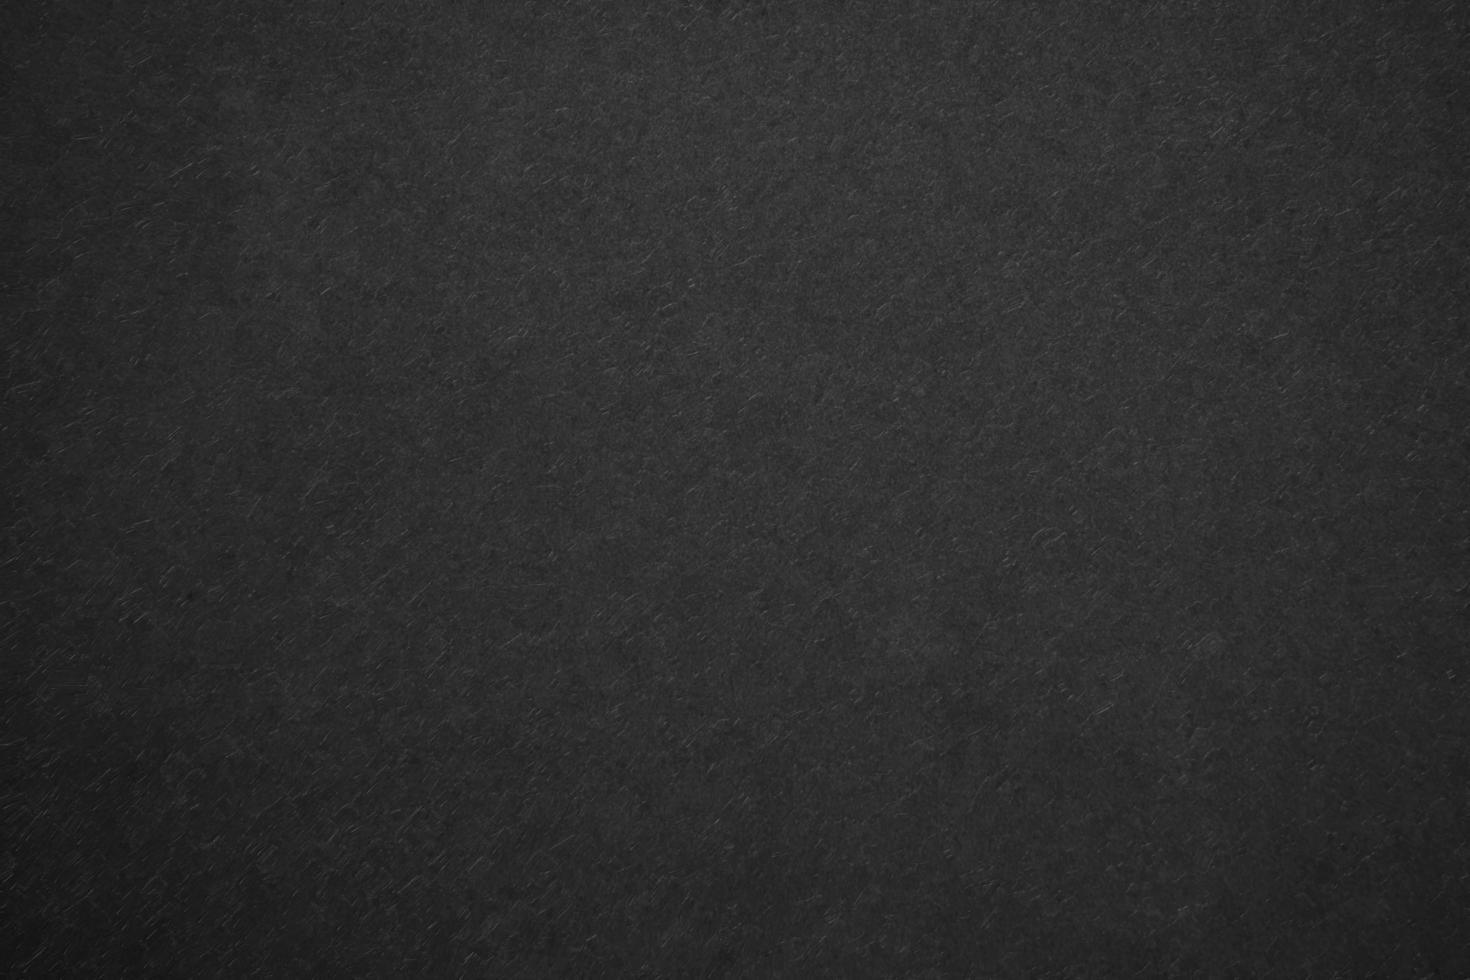 strukturierter abstrakter Hintergrund der schwarzen Leinwand. foto